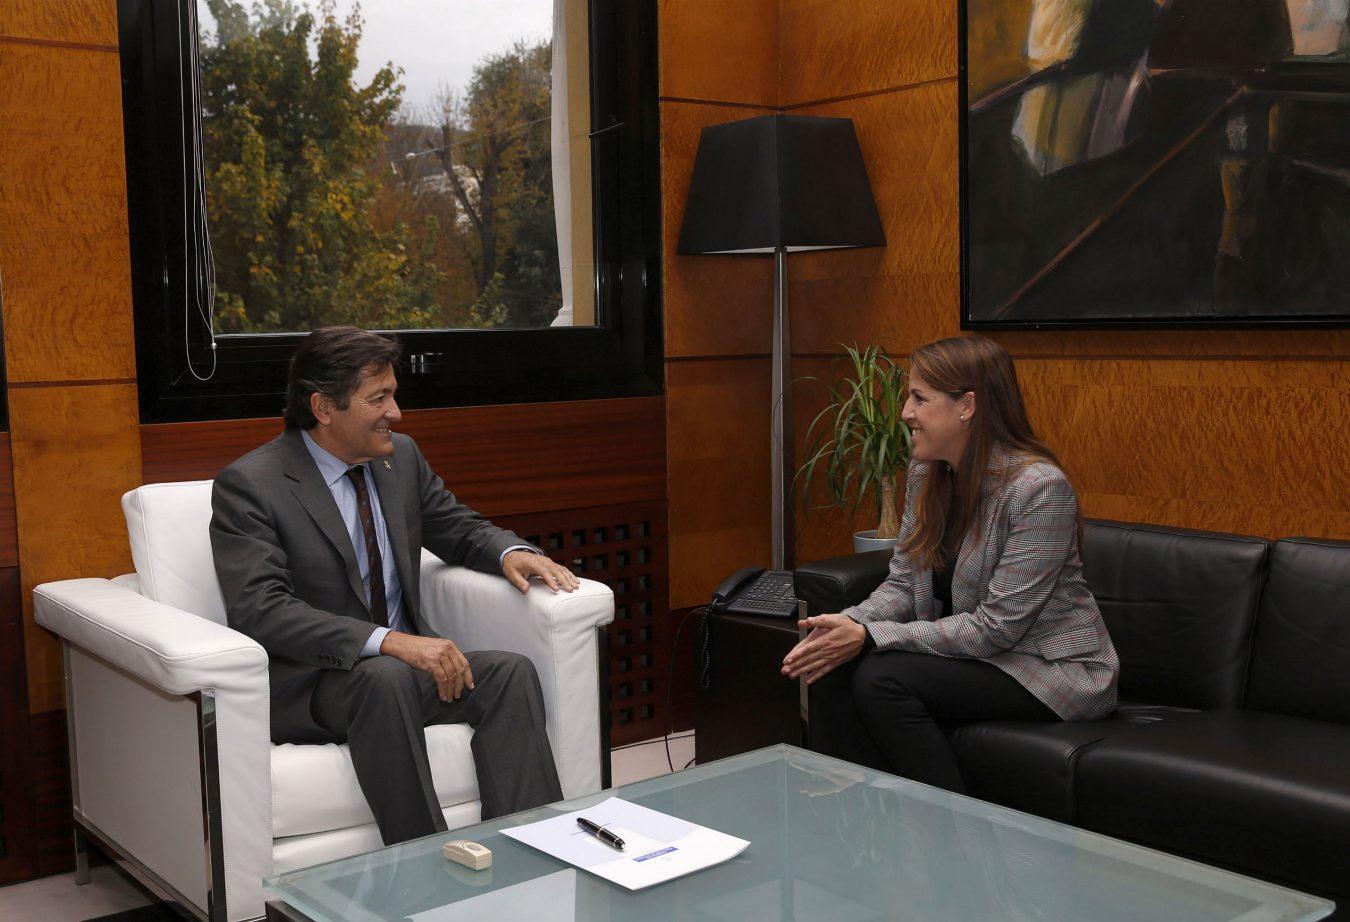 El Presidente del Principado recibe a la nueva alcaldesa de Colunga, Sandra Cuesta